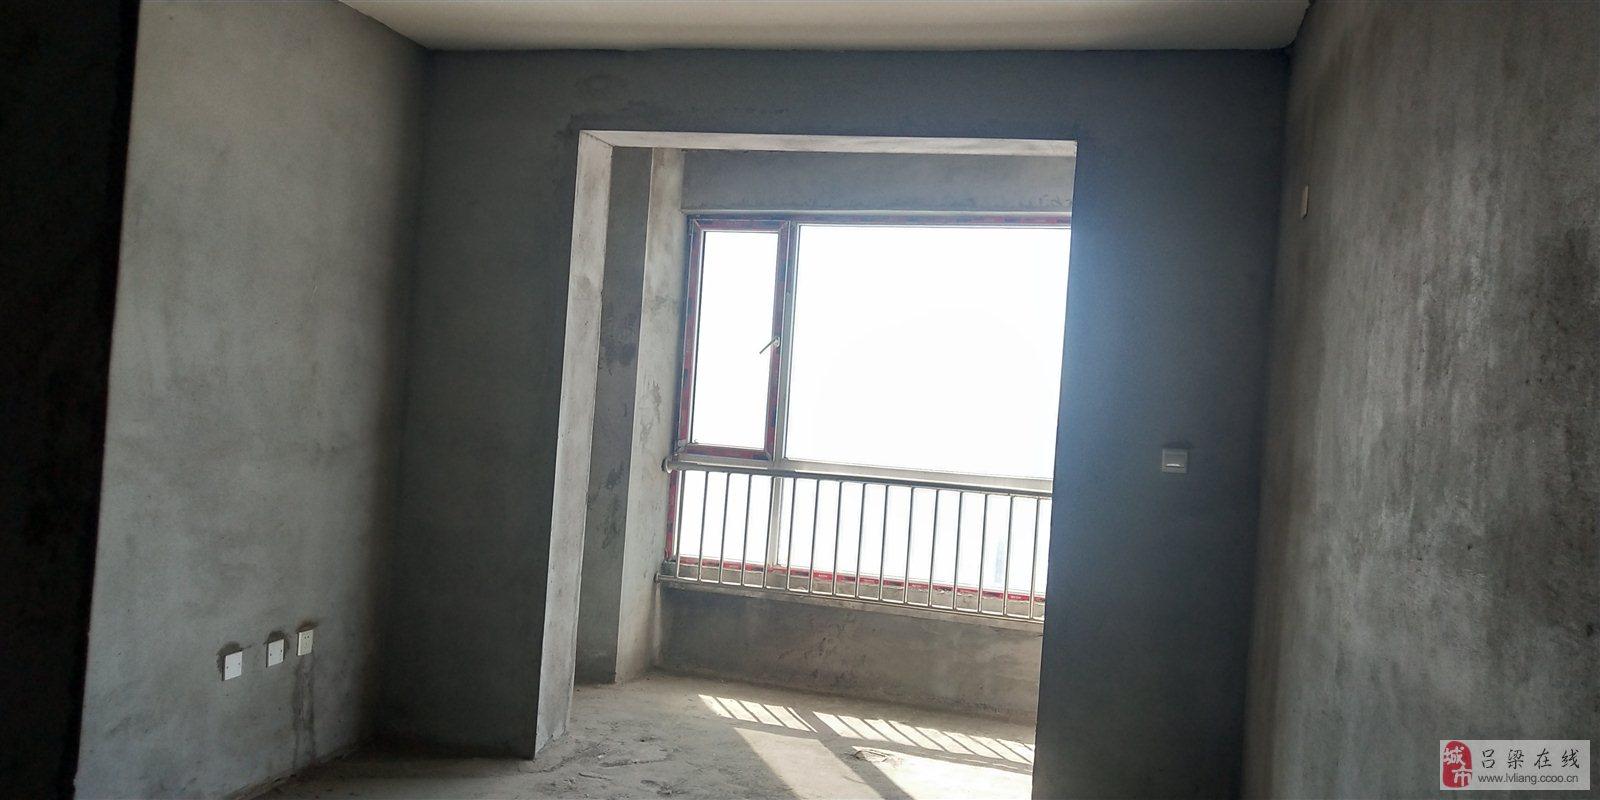 善水苑3室2厅1卫66万元对口八小对口八小